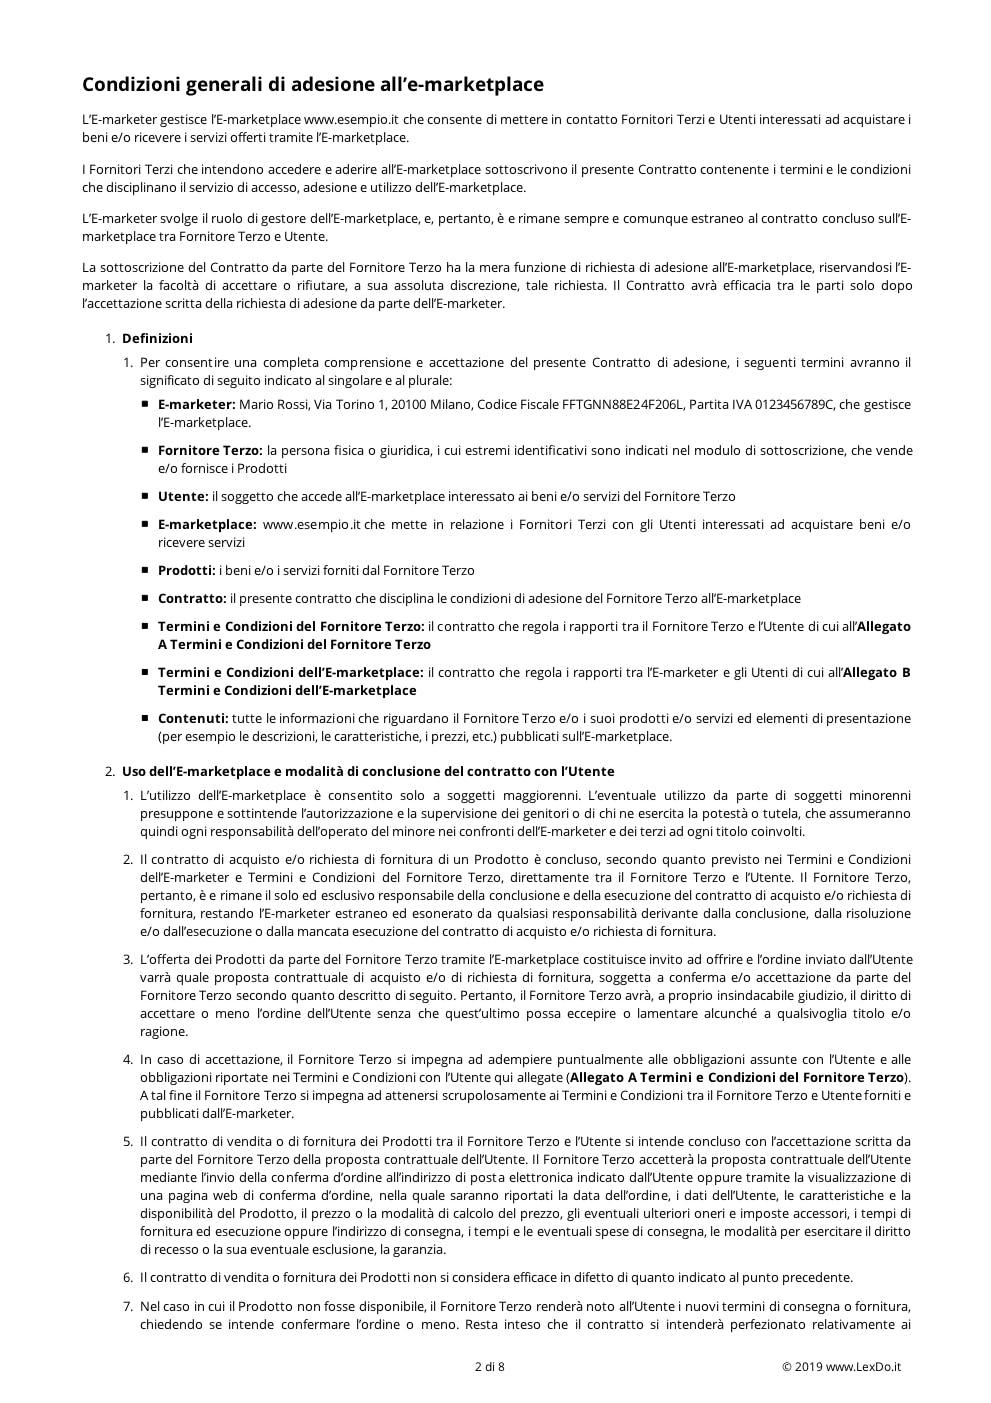 Condizioni di Adesione E-marketplace modello